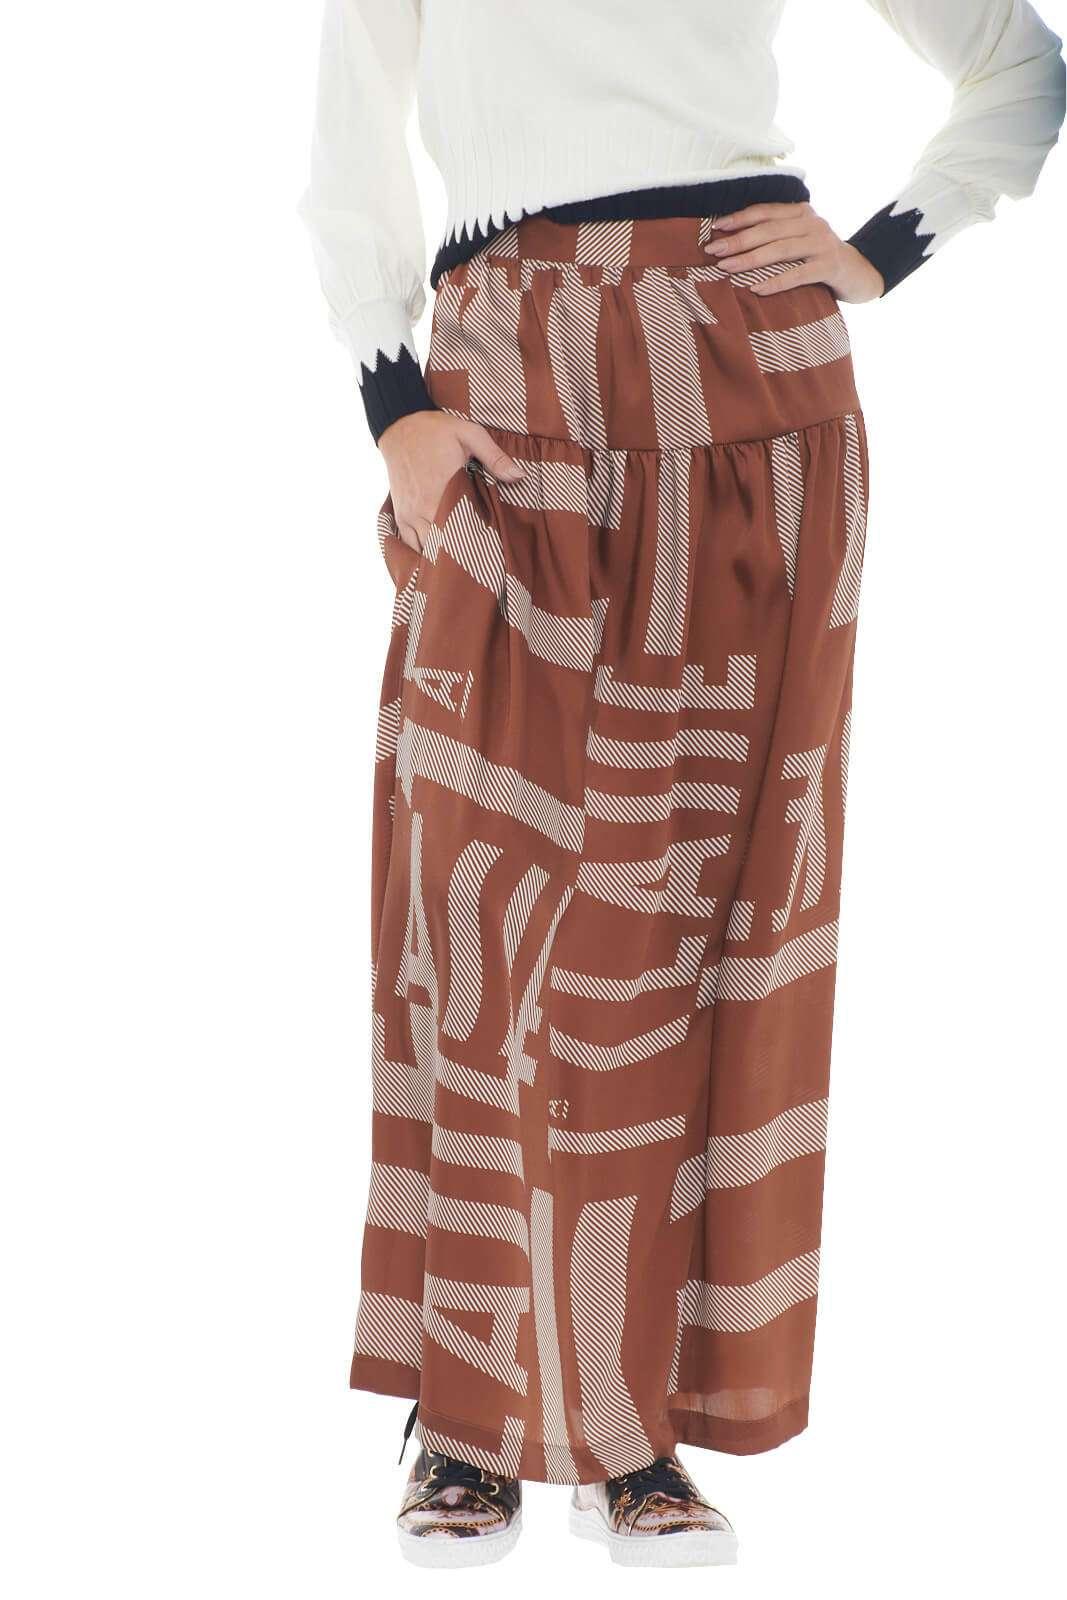 Una gonna di classe quella firmata Alviero Martini, perfetta per look classici e formali. Ideale da indossare con maglie o bluse, per outfit eleganti e ricercati, impreziositi da firme esclusive.  La modella è alta 1,78m e indossa la taglia 42.